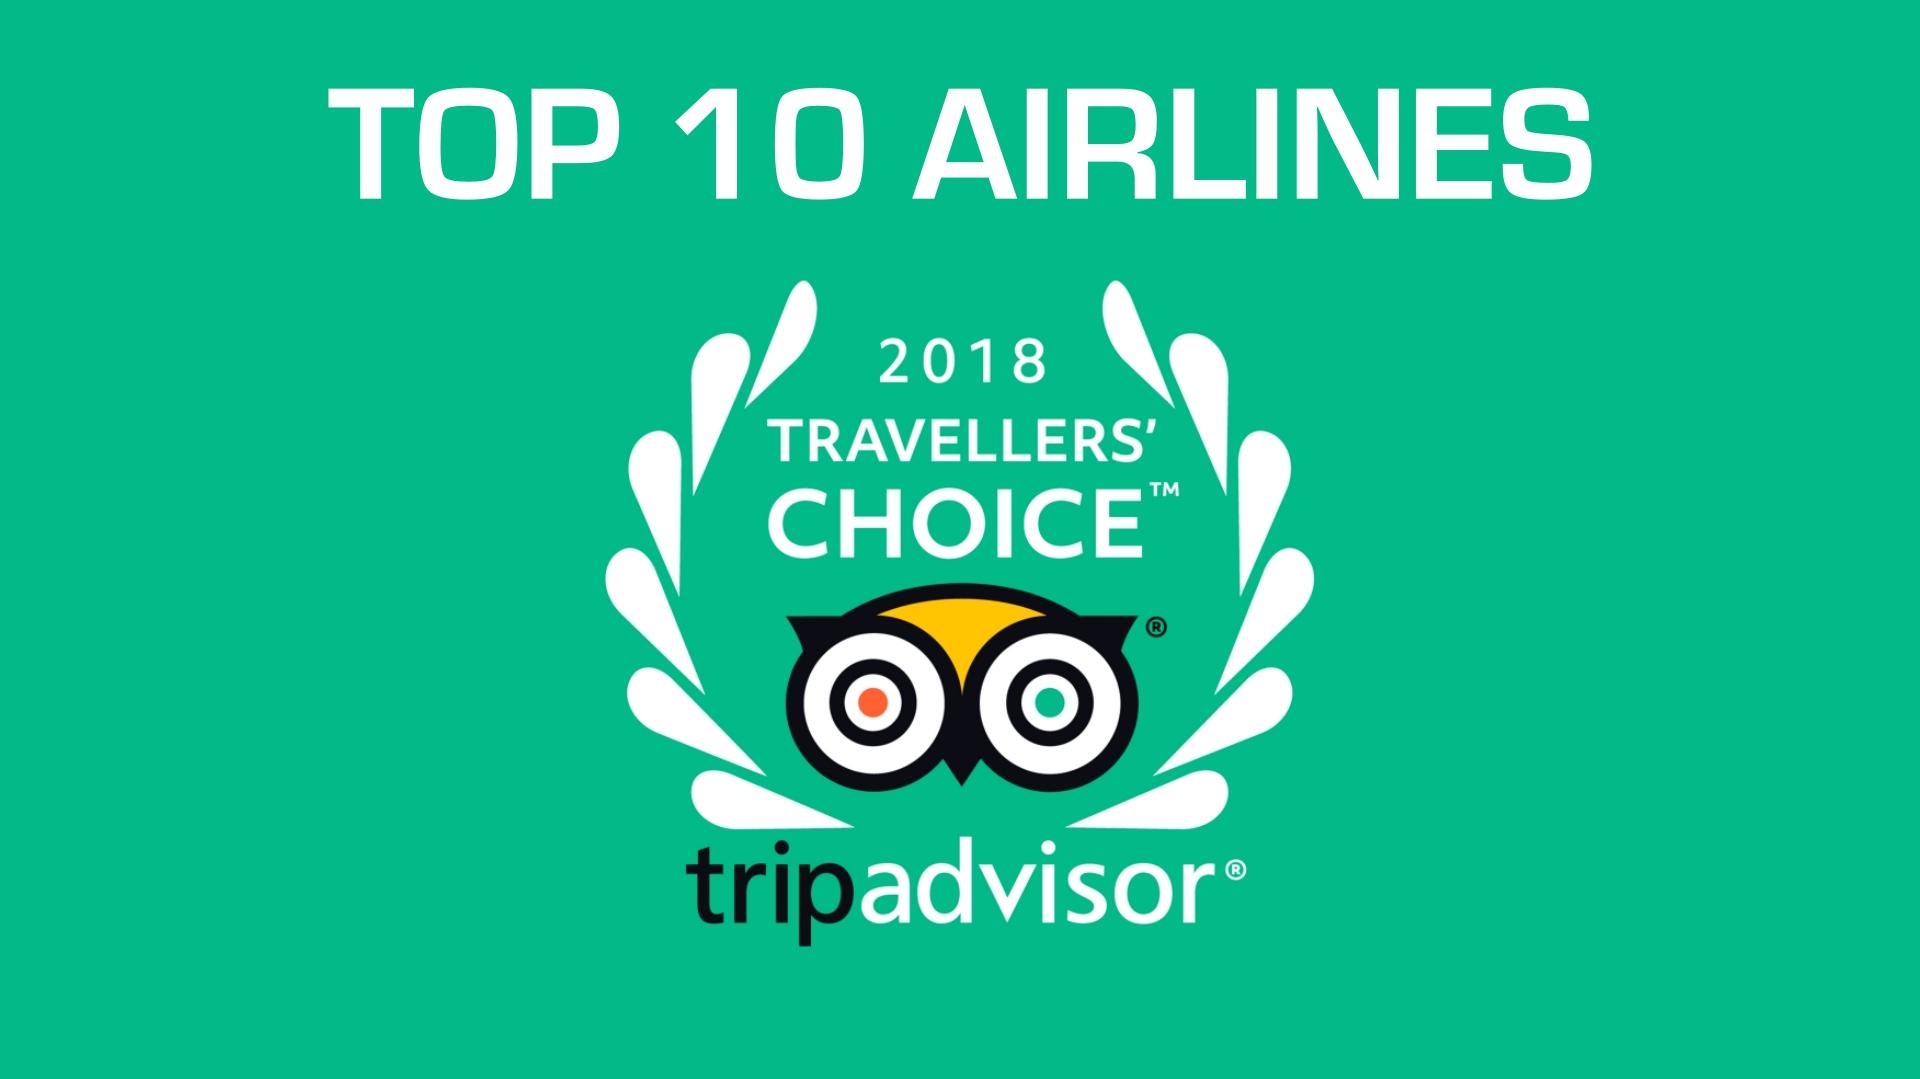 TripAdvisor Traveller's Choice® Awards 2018 For Airlines